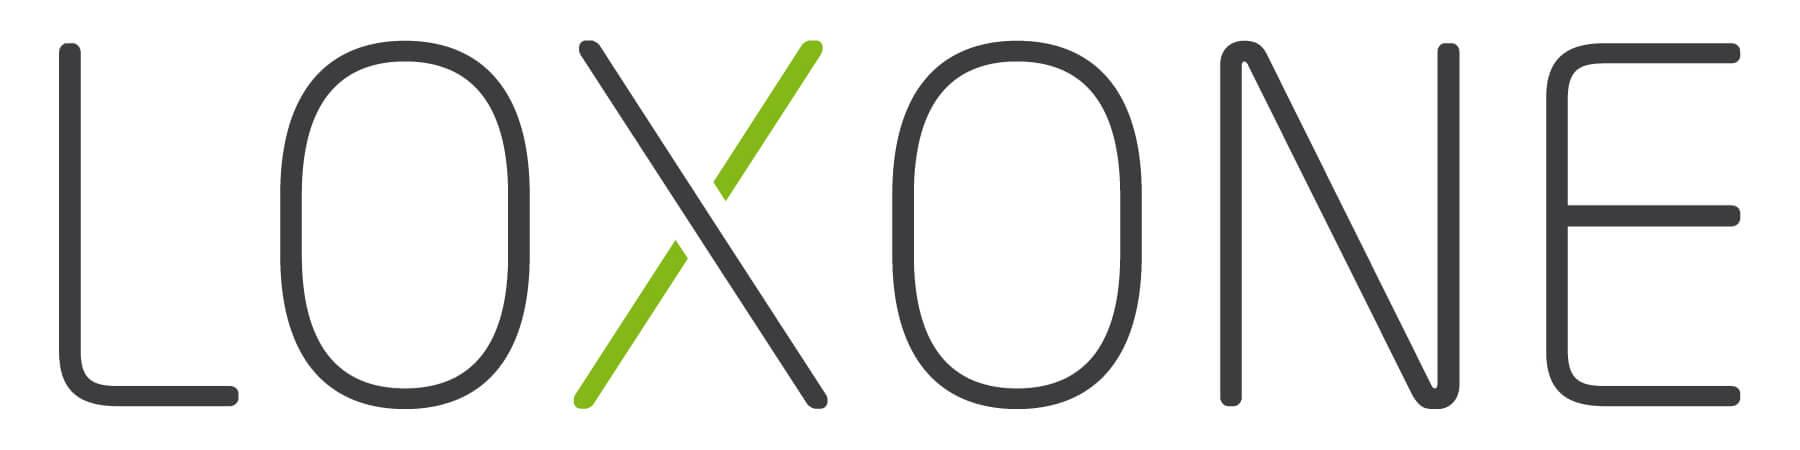 EN_Press_Resources_Loxone_Logo.jpg